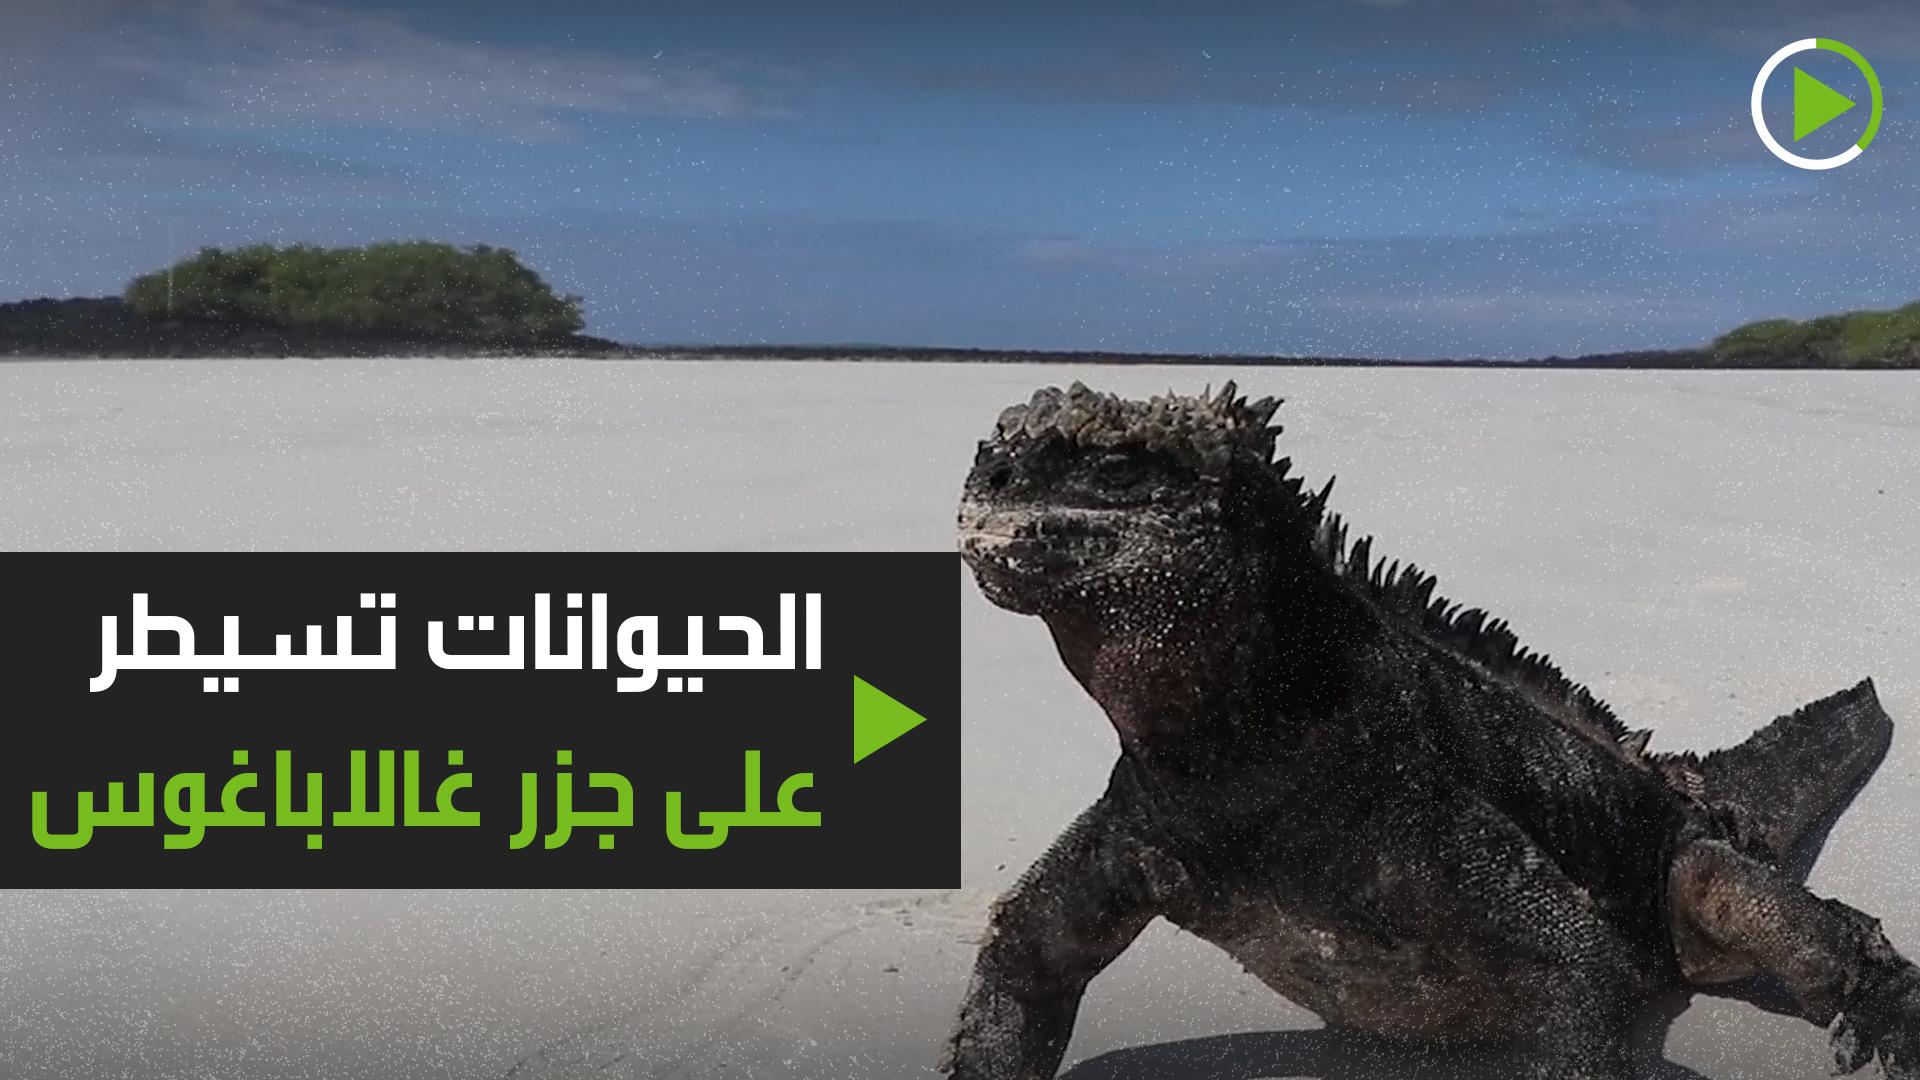 الحيوانات تسيطر على جزر غالاباغوس